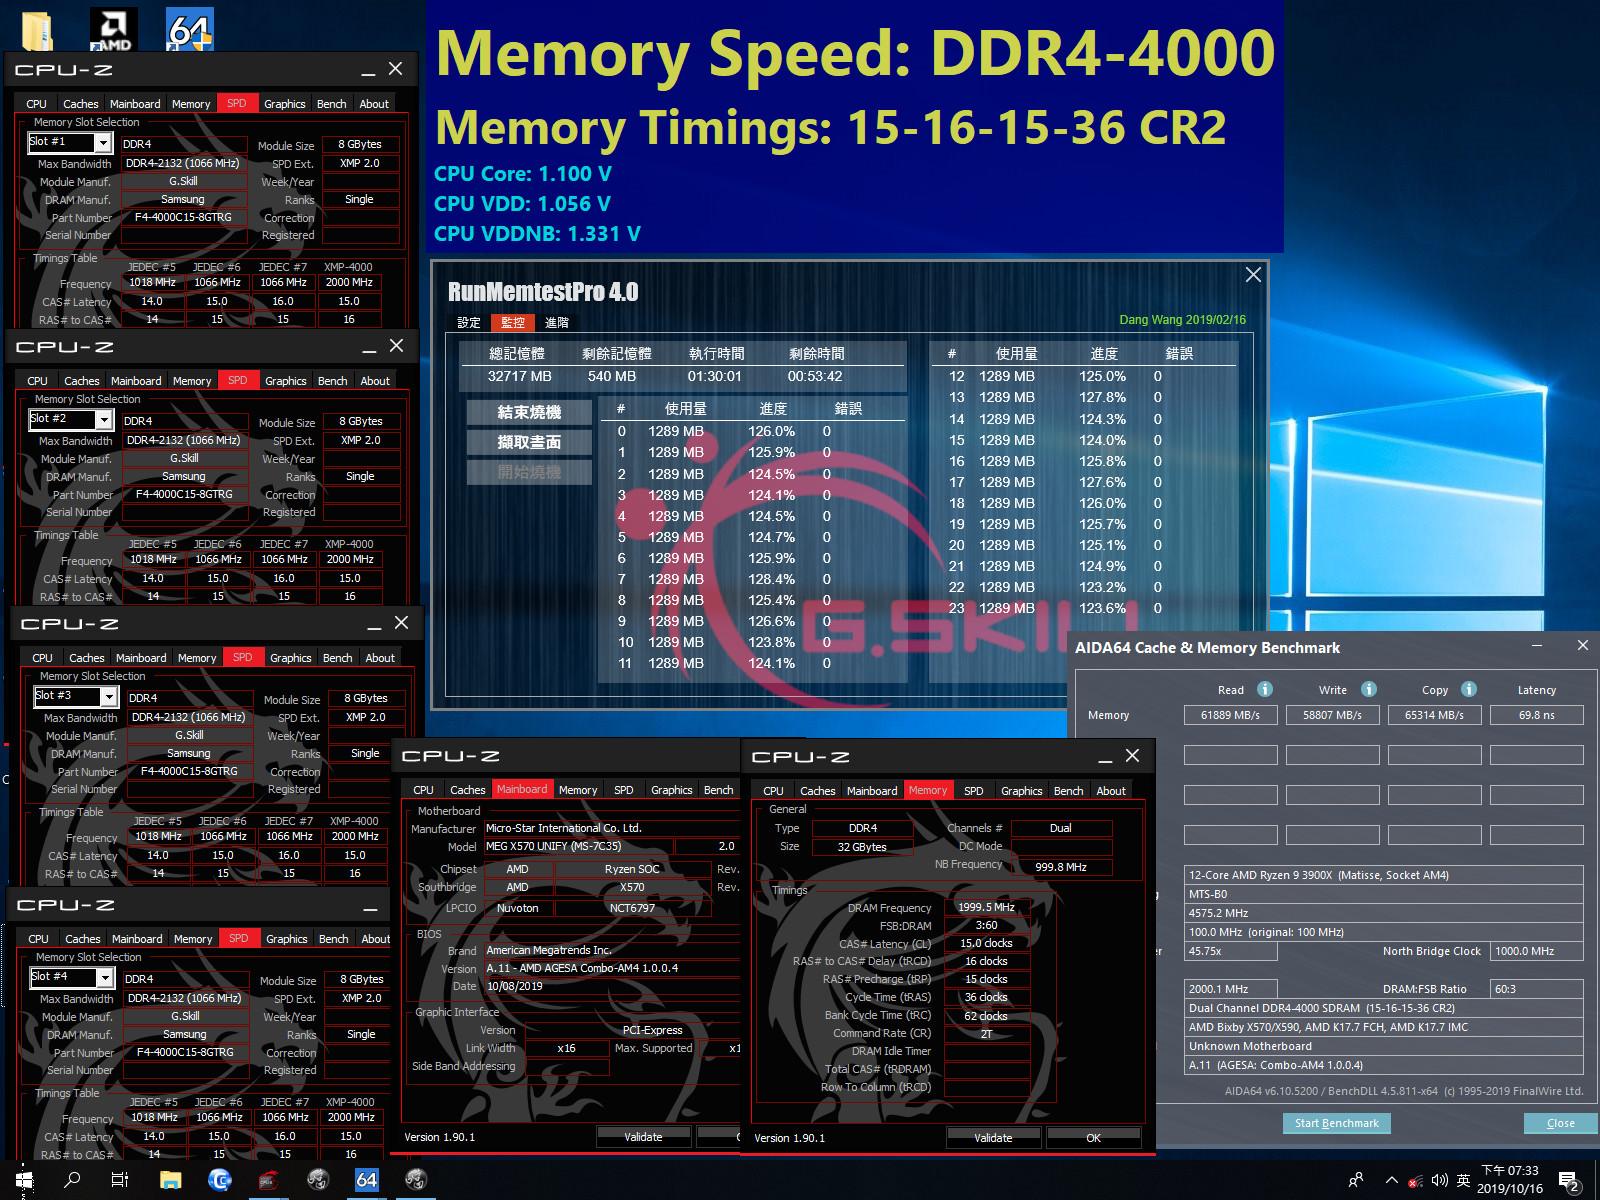 gskill trident z 4400 screenshot 2